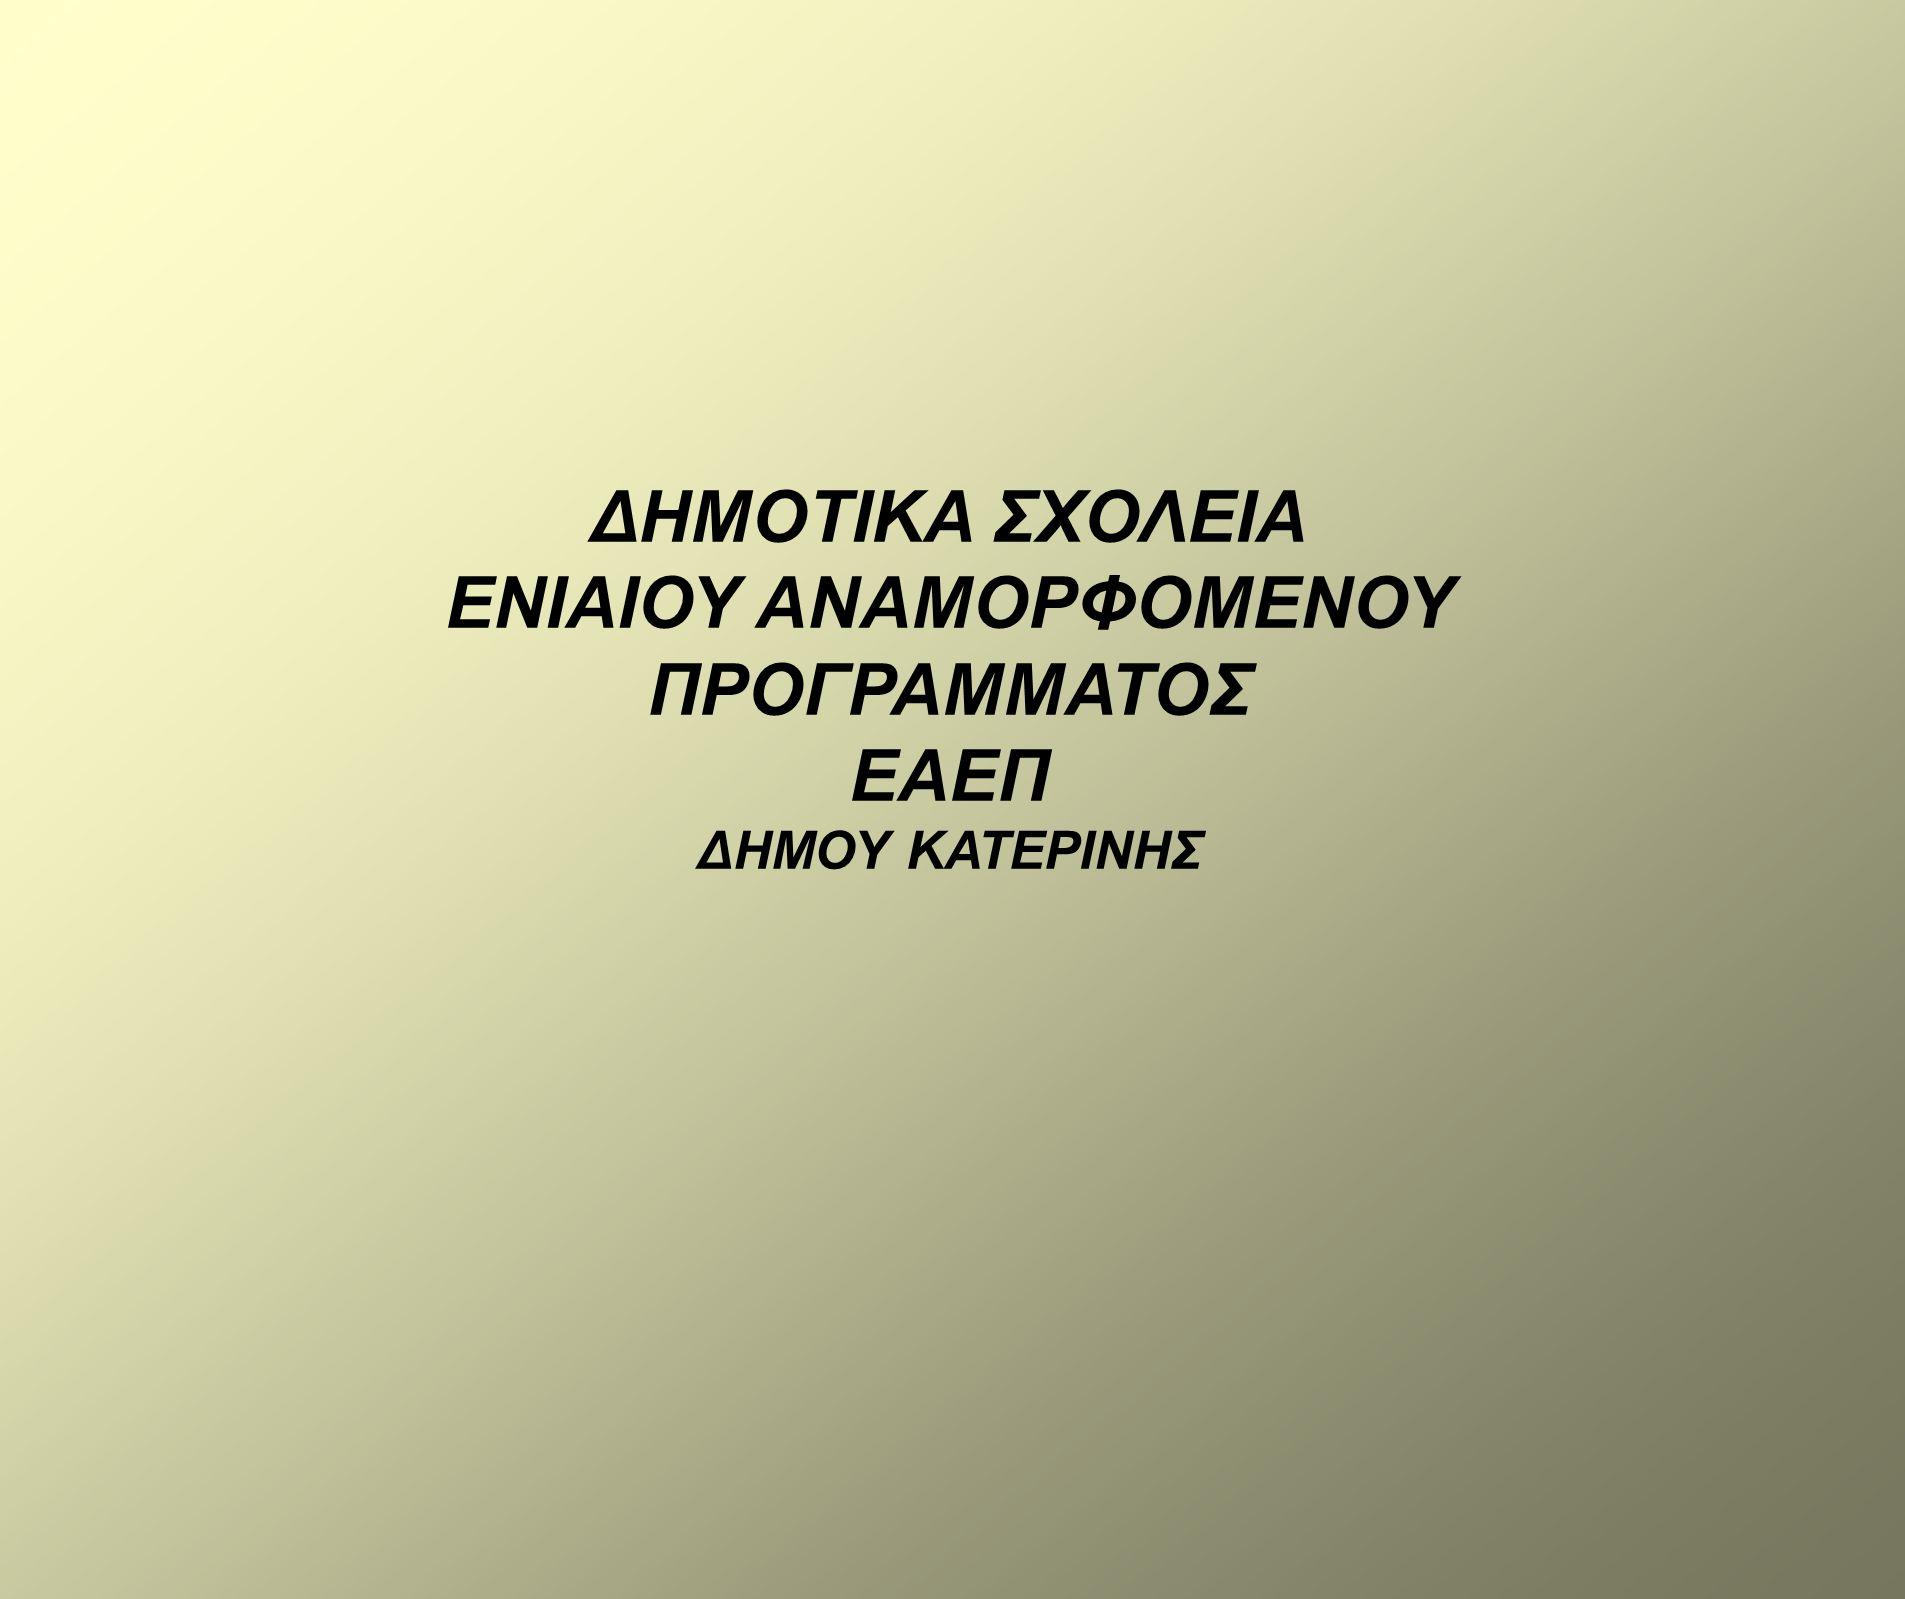 ΕΝΙΑΙΟΥ ΑΝΑΜΟΡΦΟΜΕΝΟΥ ΠΡΟΓΡΑΜΜΑΤΟΣ